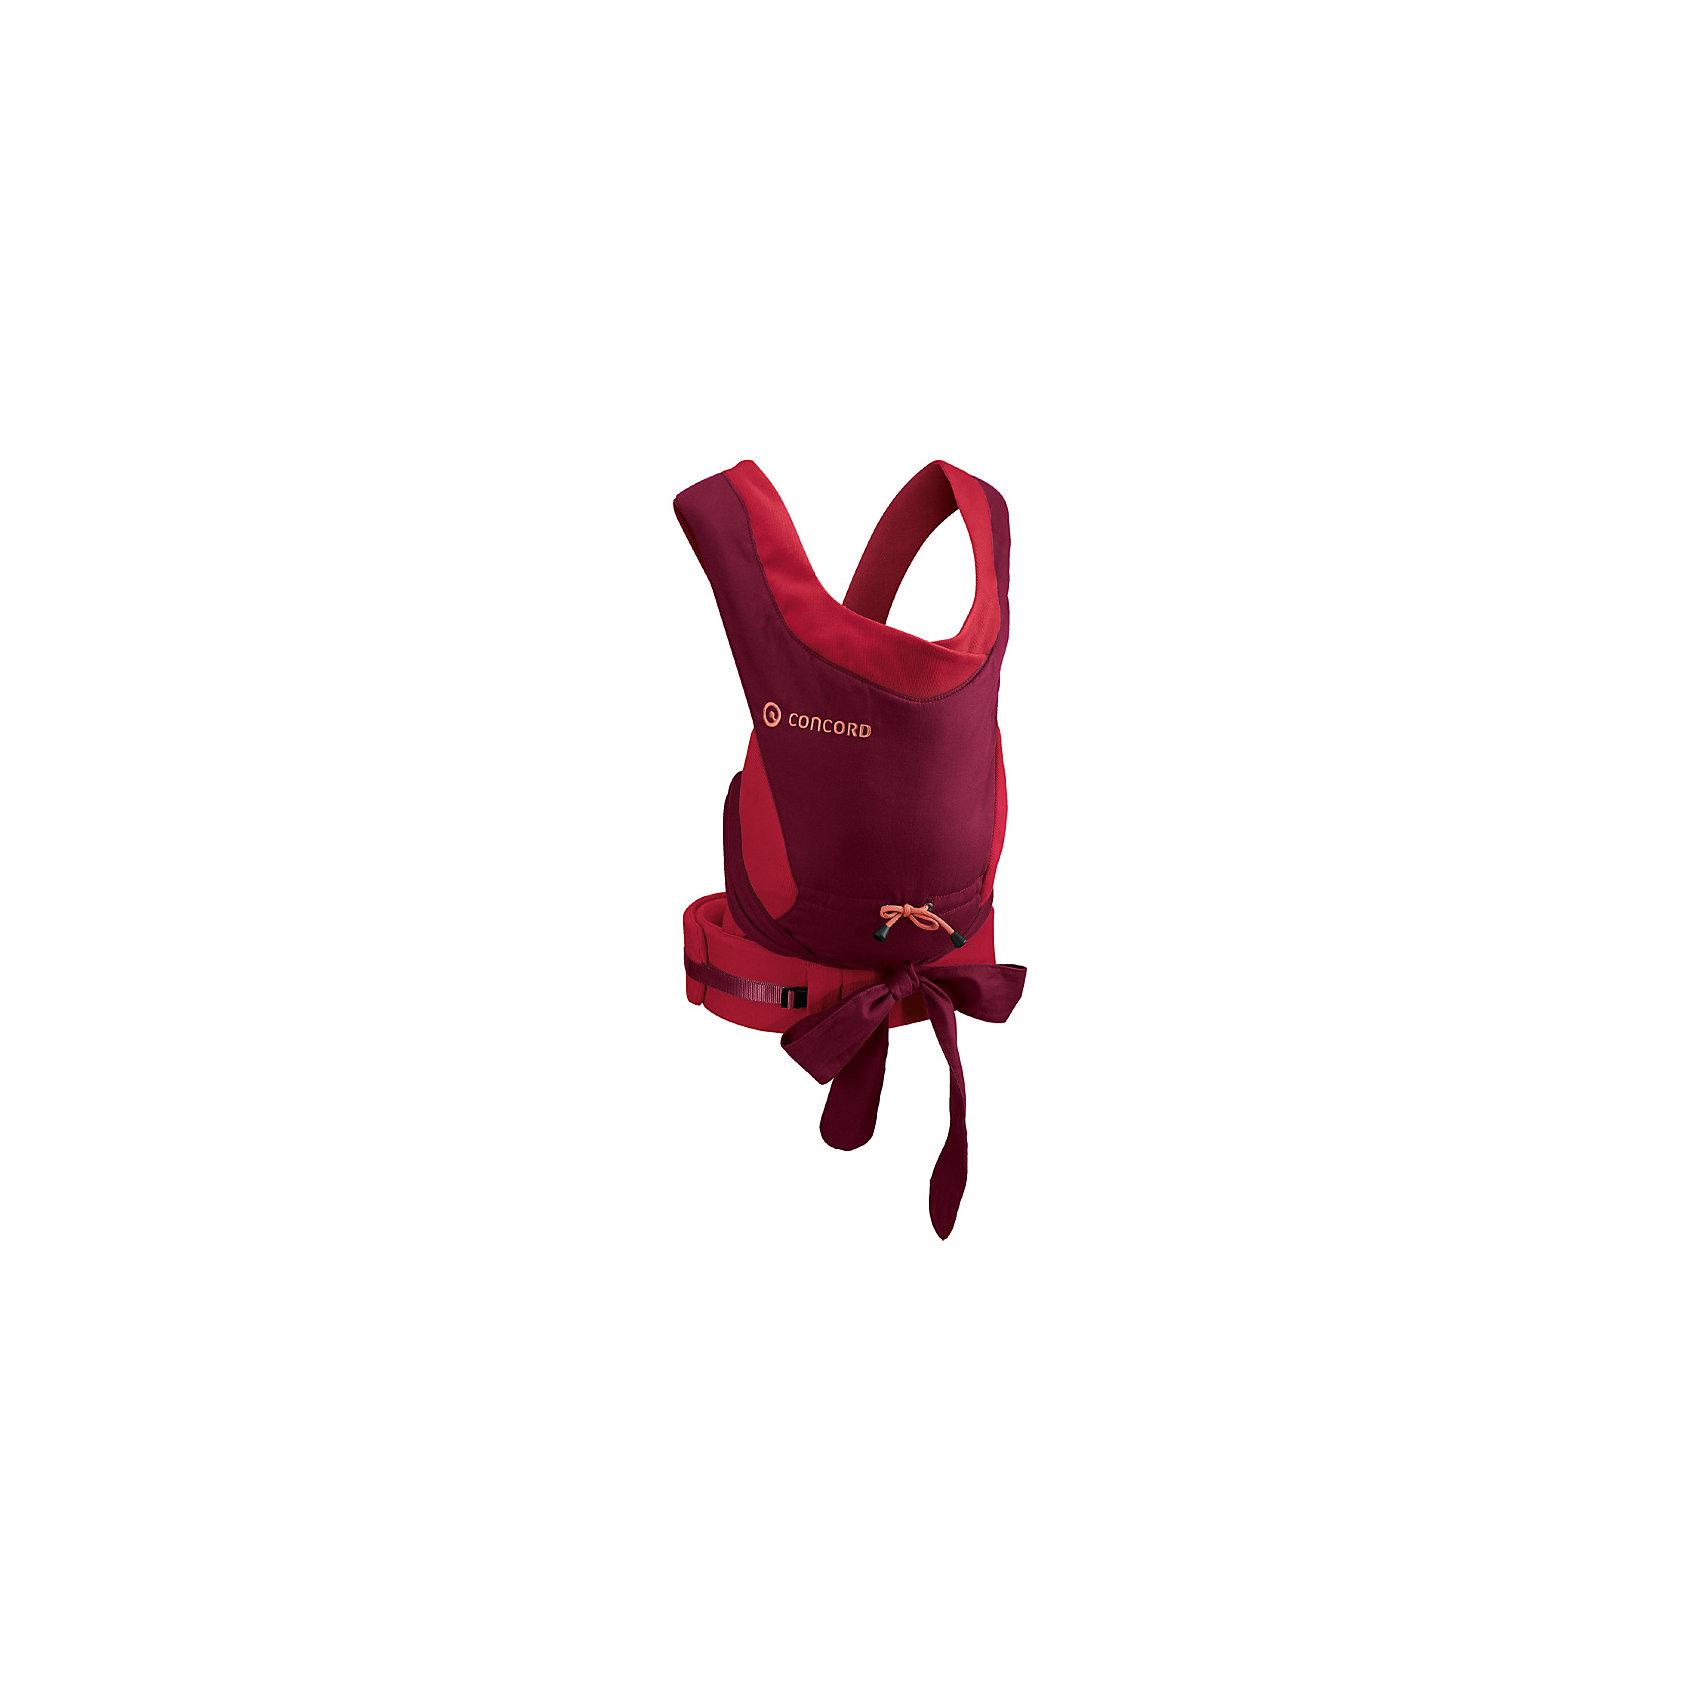 Рюкзак-Кенгуру Wallabee, Concord, Lava RedРюкзак-кенгуру Concord Wallabee от компании Concord - новинка 2014 года.<br><br>• 2 положения переноски - спереди и на спине.<br>• эргономичный дизайн: соответствует положению spread-squat, рекомендованному ортопедами<br>• специальная манжета для поддержки головы малыша<br>• материал из 100% хлопка обеспечивает максимум комфорта малышу<br>• широкие плечевые лямки ремней, перекрещивающиеся на спине взрослого, а так же поясничный ремень обеспечивают оптимальное распределение веса малыша при переноске<br>• дизайн унисекс - Concord Wallabee подходит и для мамы и для папы<br>• Wallabee максимально плотно прилегает к телу благодаря регулировке затяжки поясничного ремня. <br>• супер-компактна в сложенном виде.<br><br>Ширина мм: 370<br>Глубина мм: 250<br>Высота мм: 70<br>Вес г: 1500<br>Возраст от месяцев: 0<br>Возраст до месяцев: 36<br>Пол: Унисекс<br>Возраст: Детский<br>SKU: 5485180